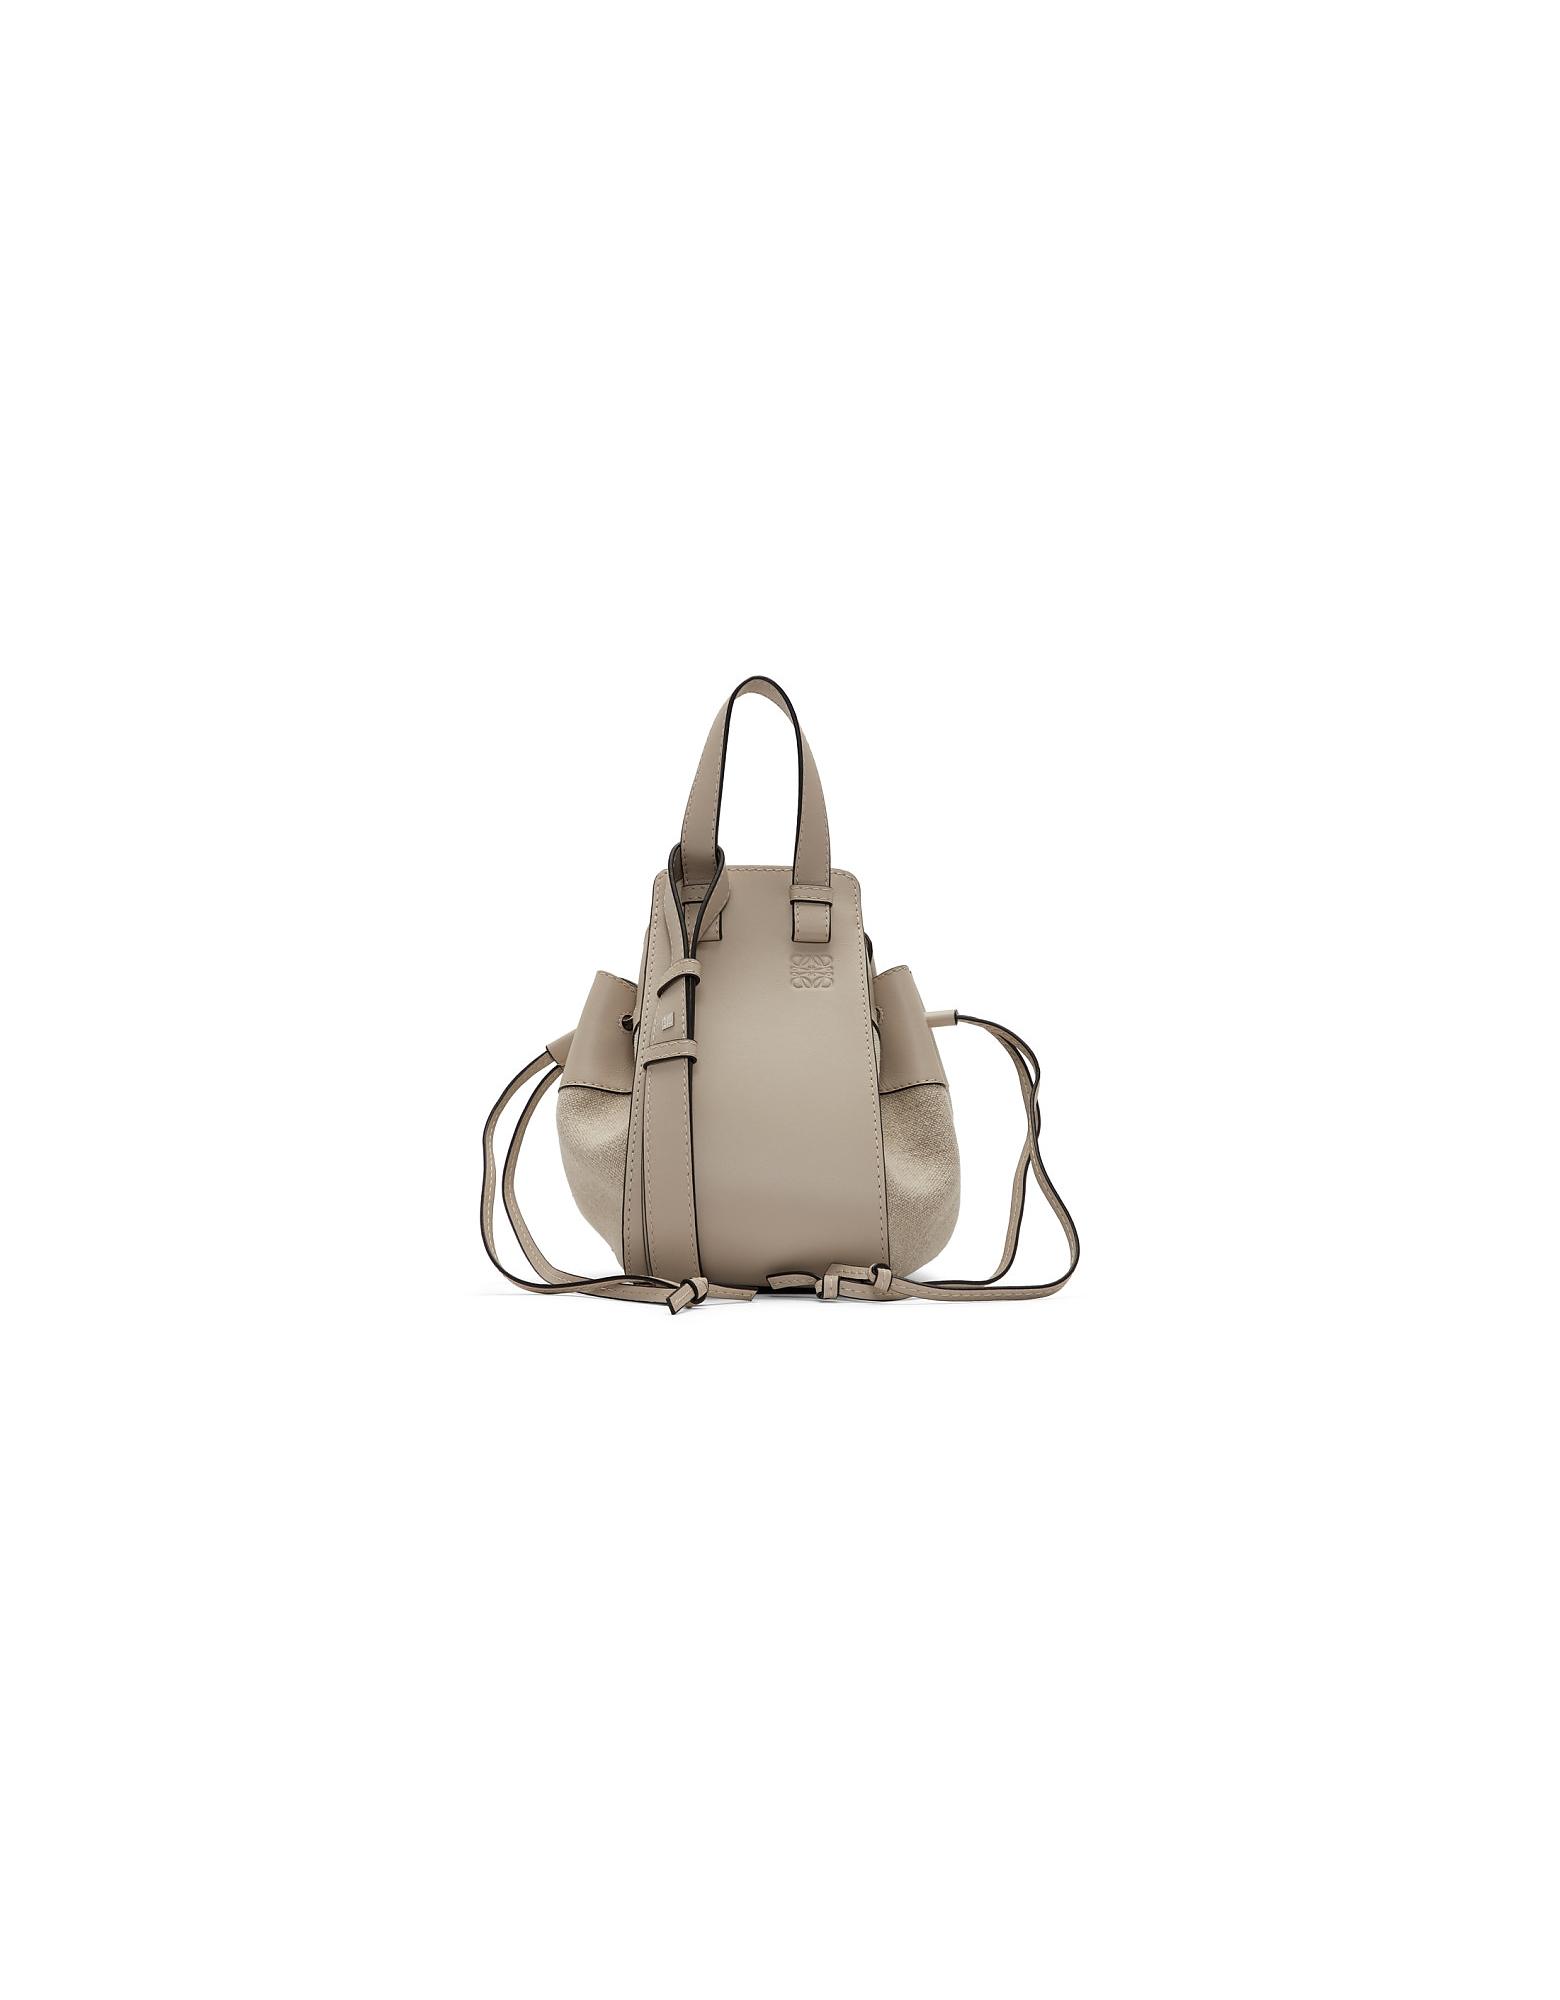 Loewe Designer Handbags, Beige Small Hammock Bag